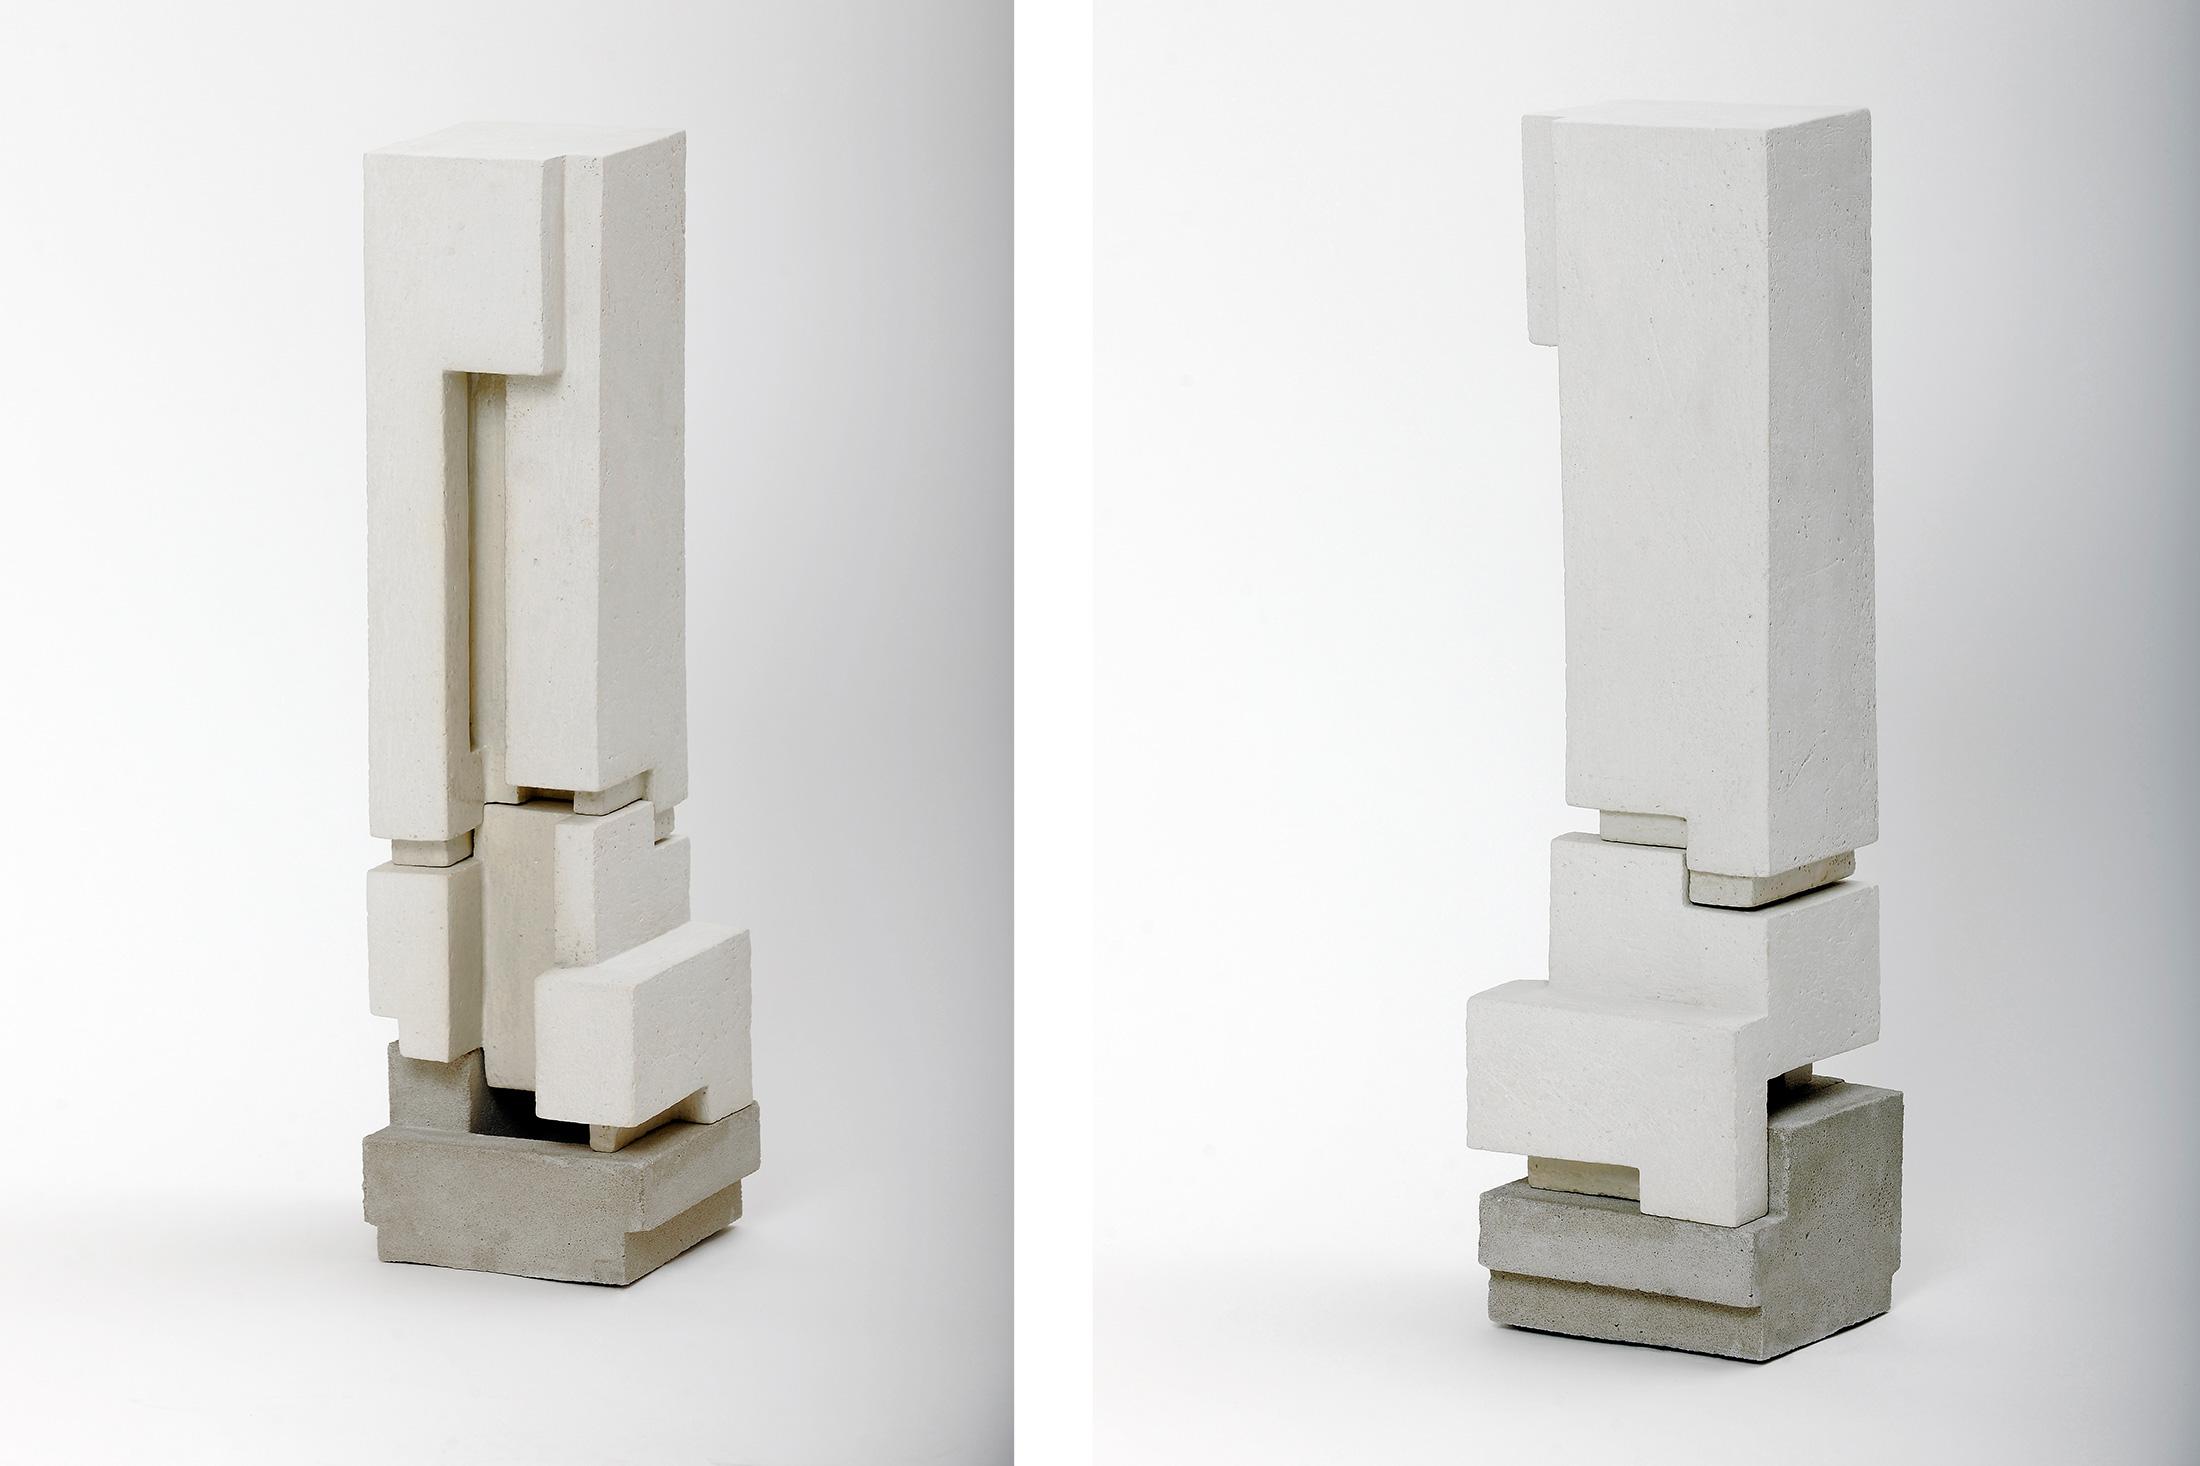 Silo 2 | 2012 | Steinzeug, Beton | 54  x 14 x 14 cm